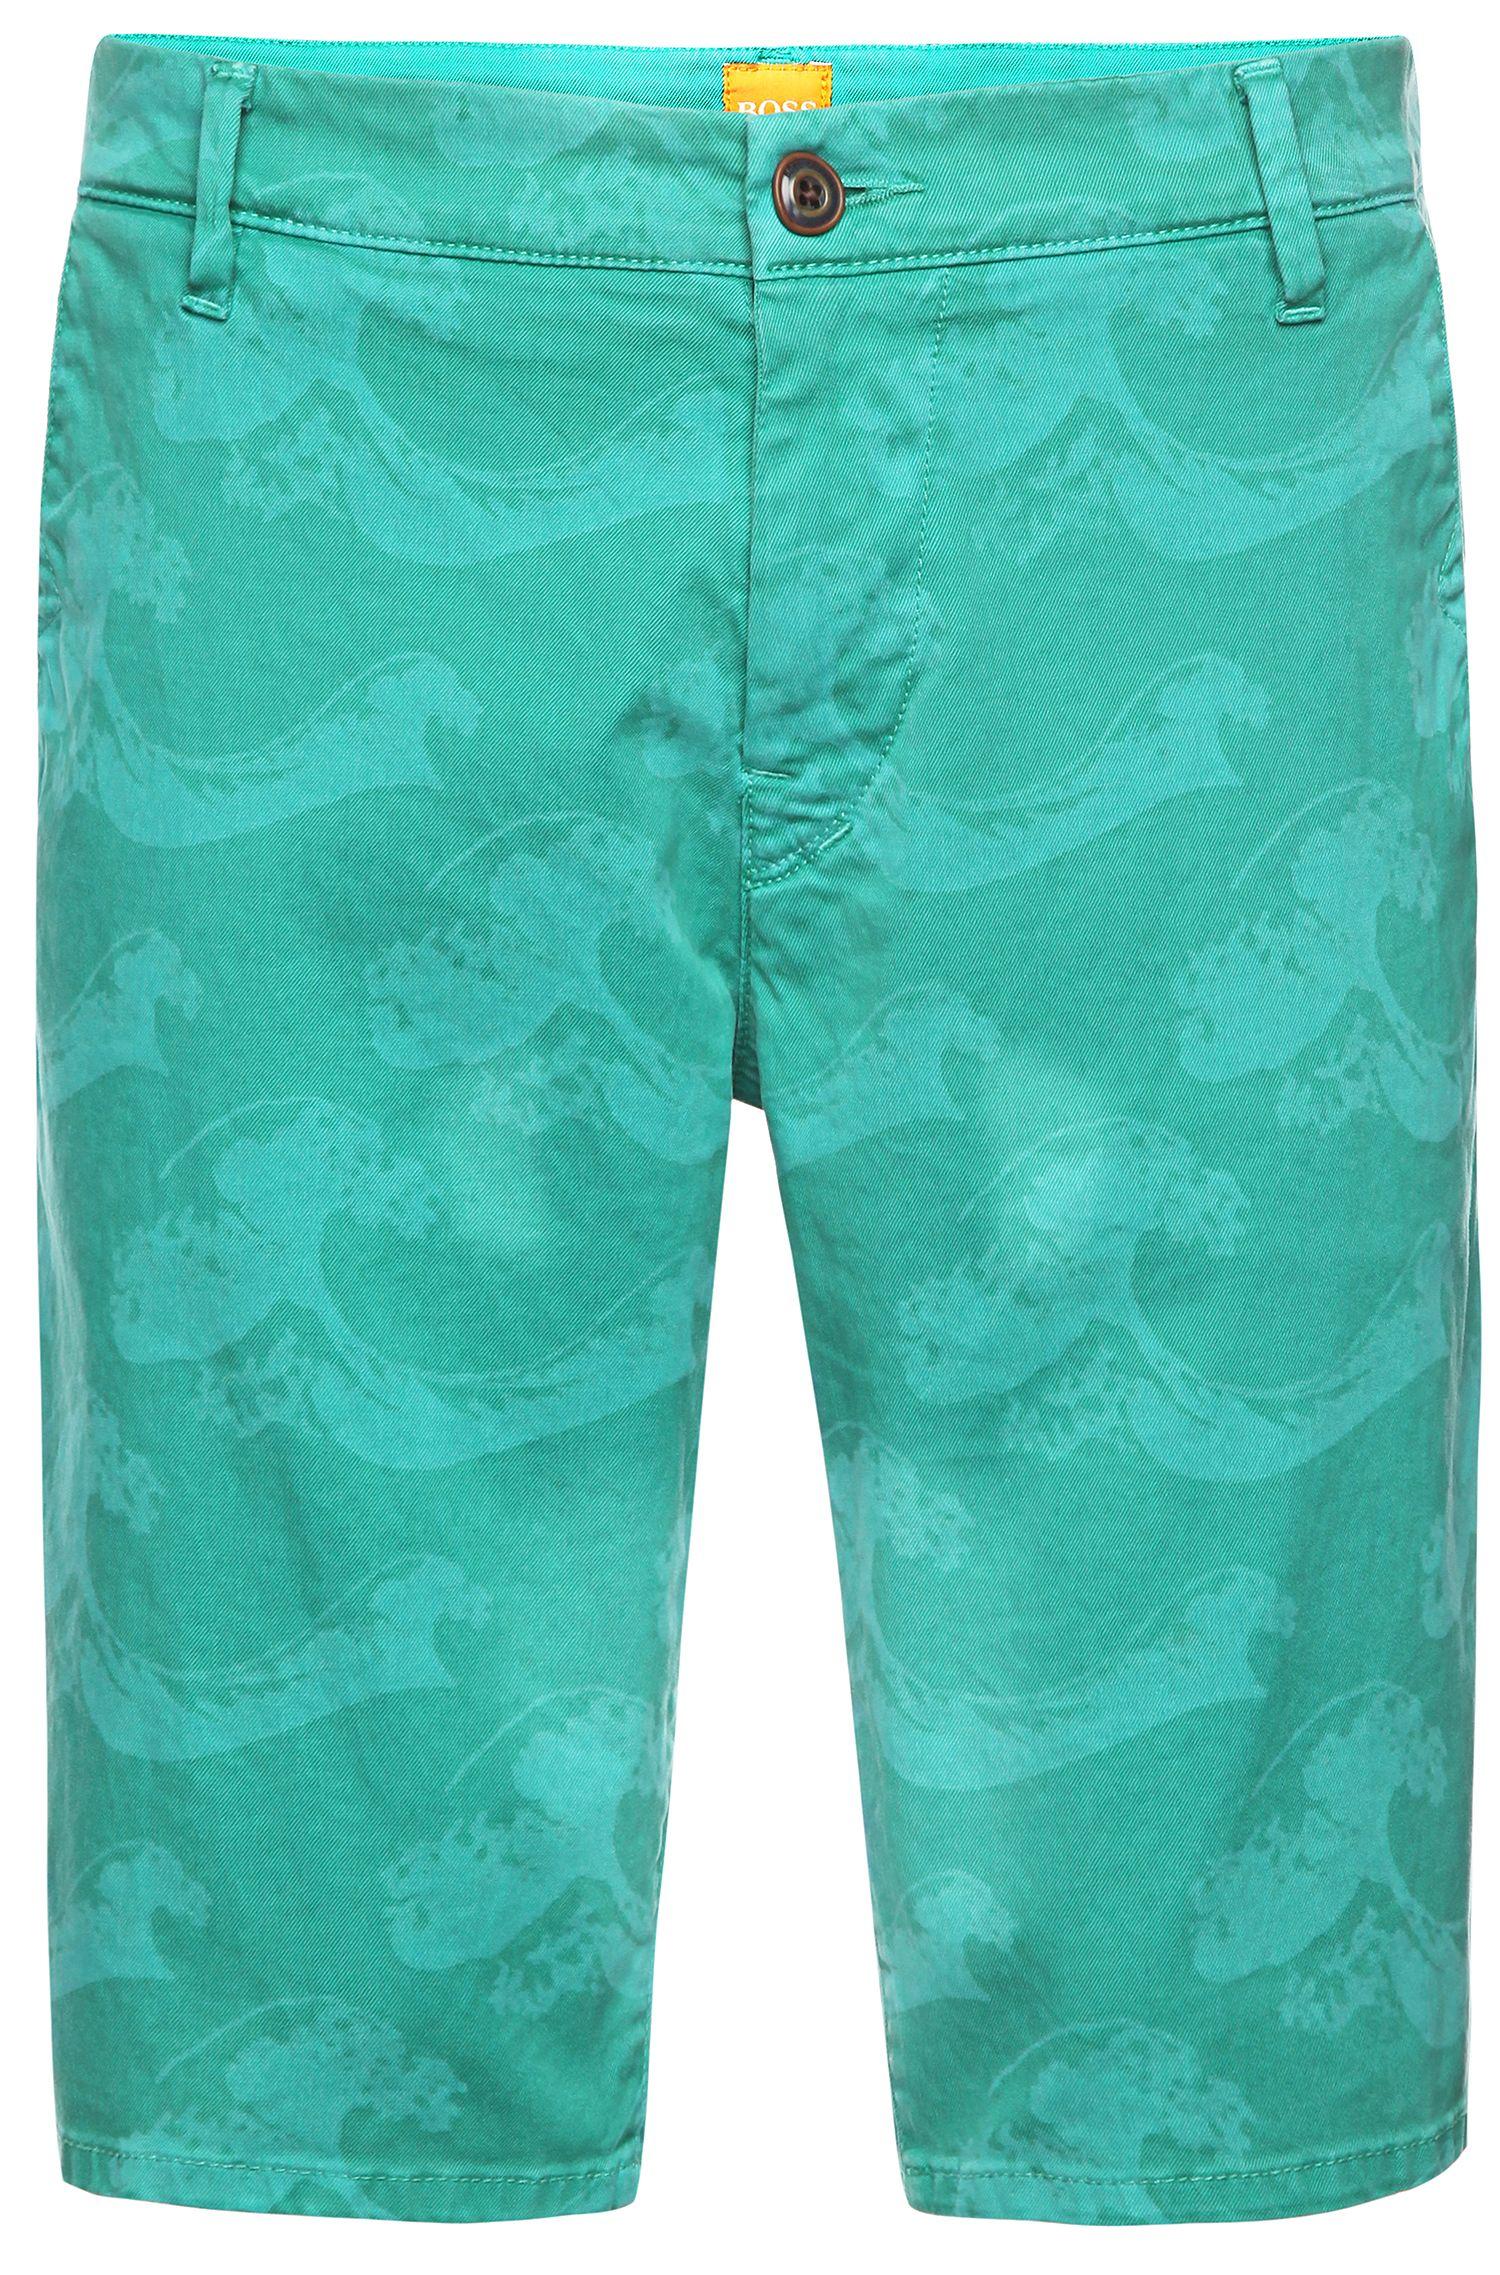 Bermuda Slim Fit en coton mélangé: «Sairy8-Shorts-D»